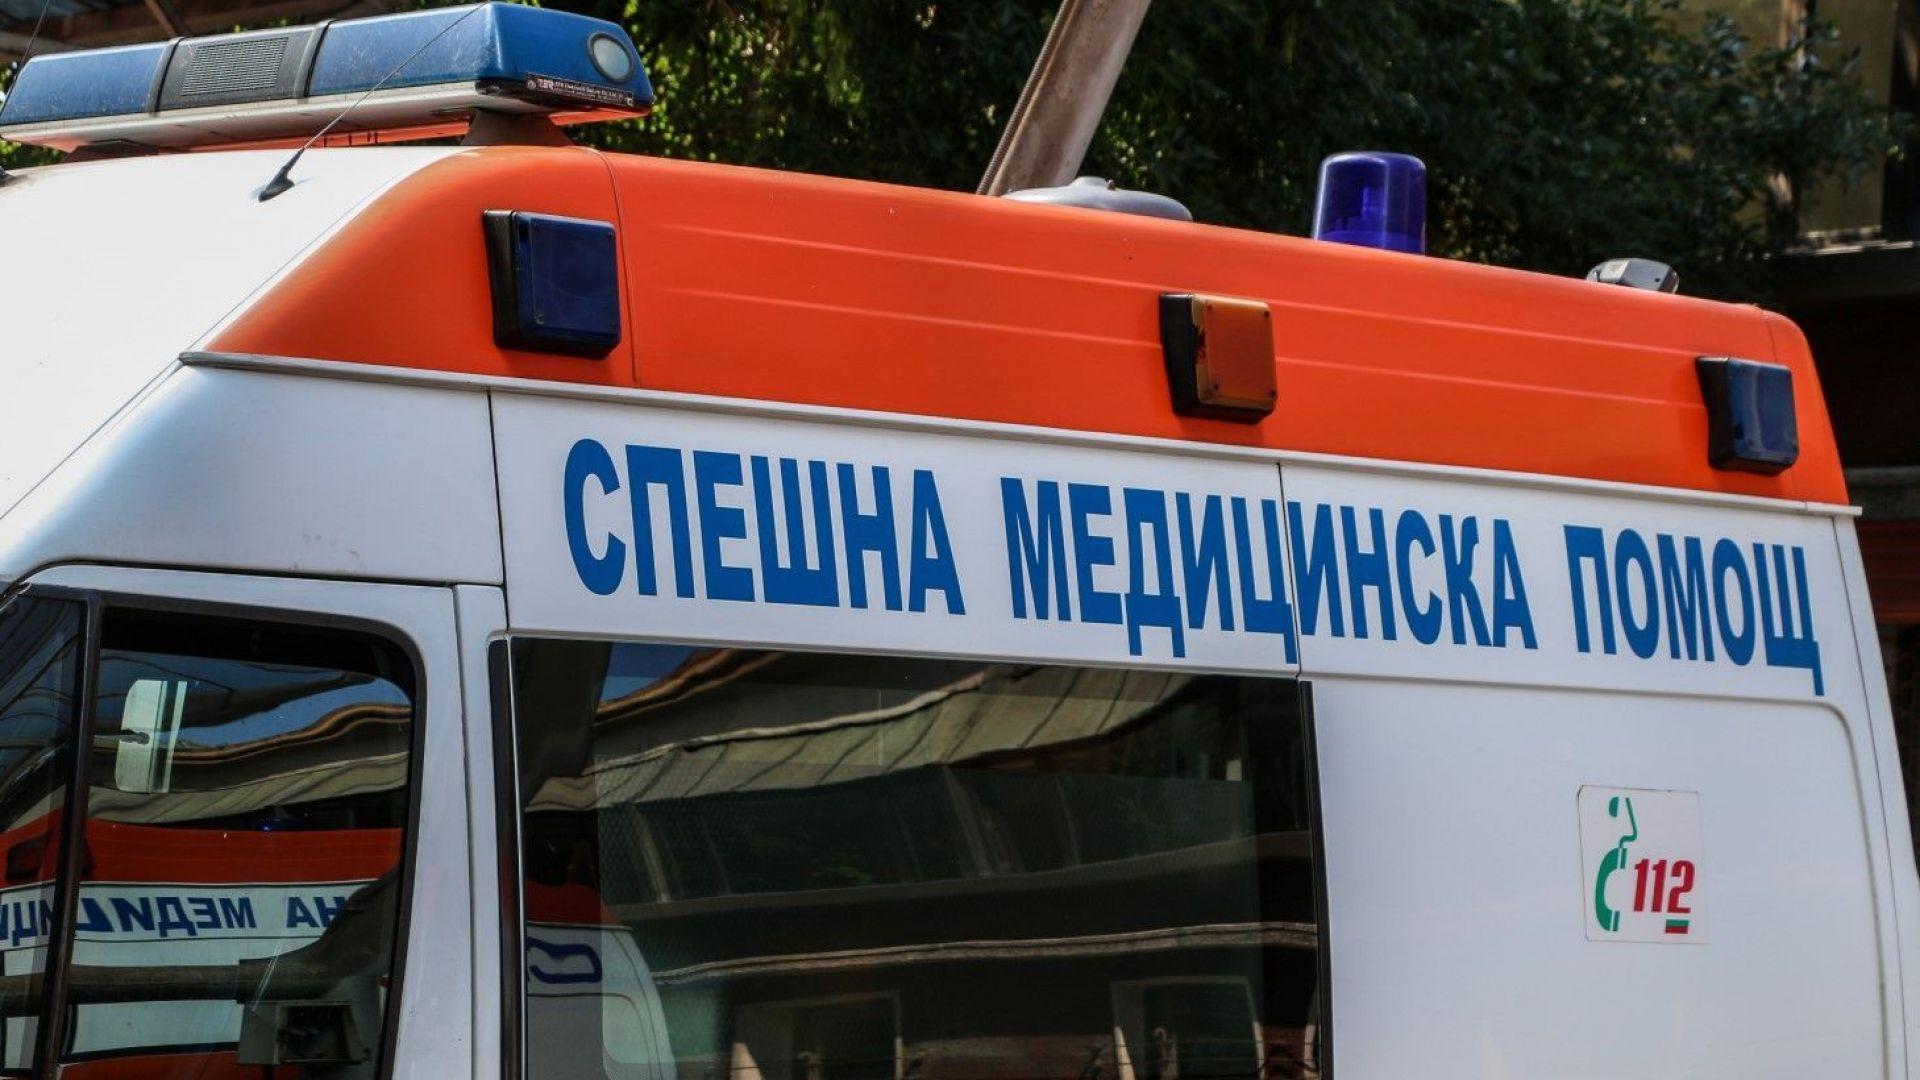 Две деца са в болница, след като парапет на жп надлез се откърти